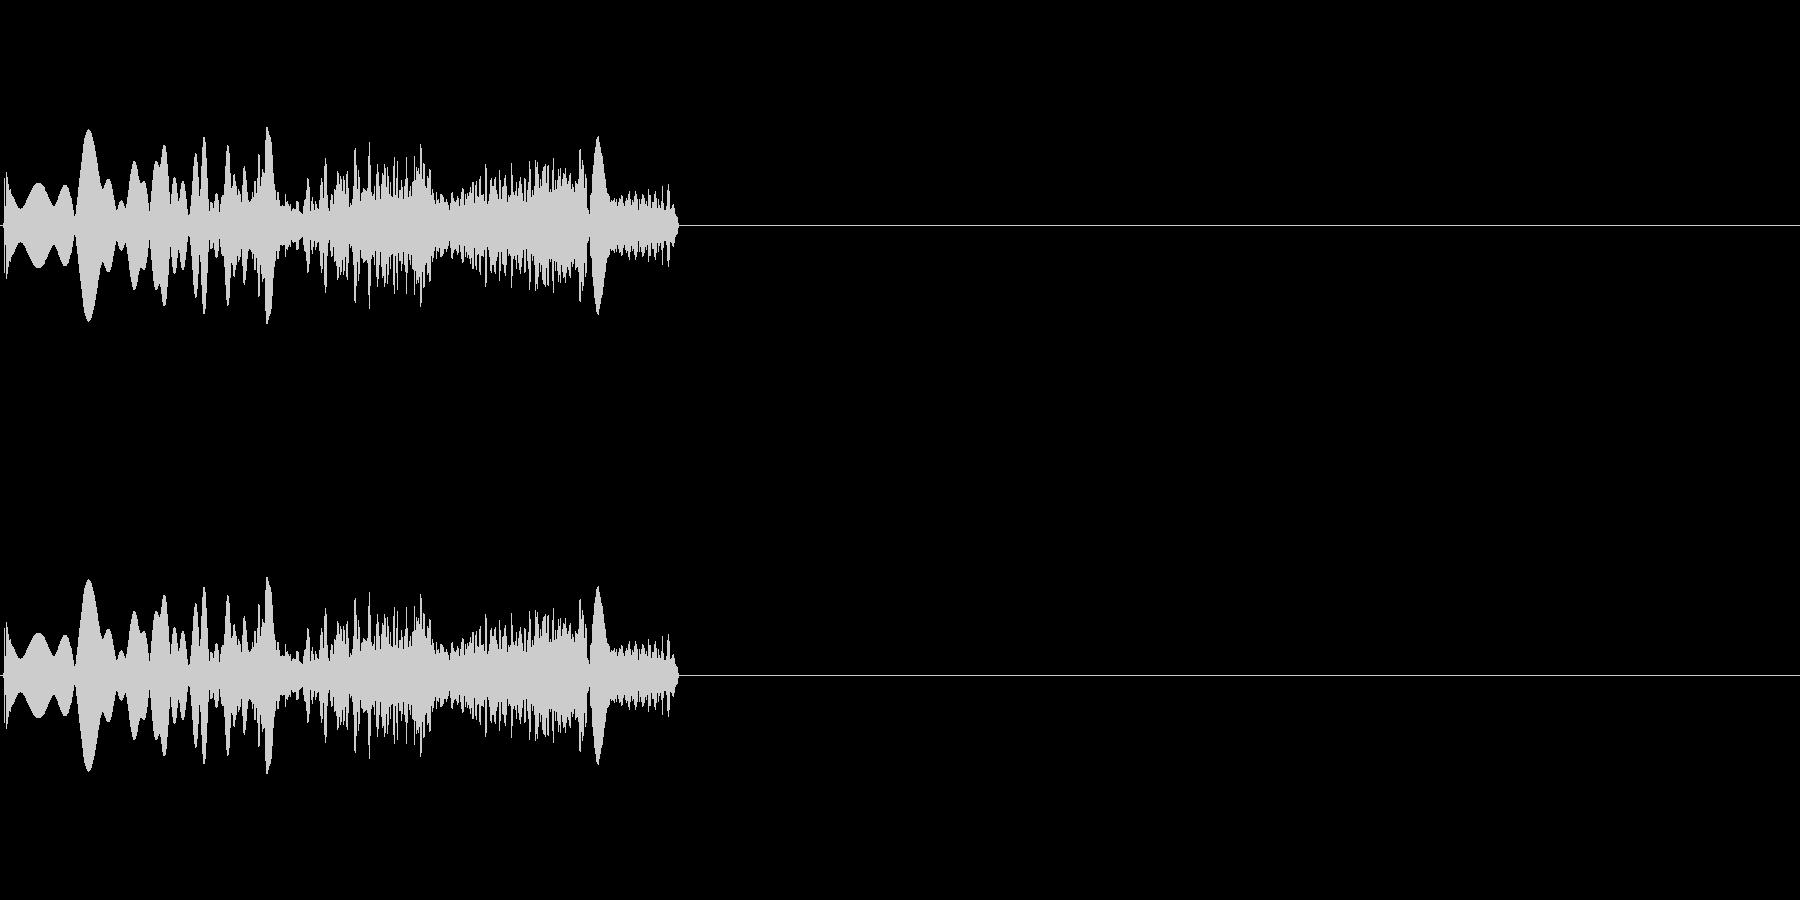 ヒュイーン(起動音 未来的)の未再生の波形